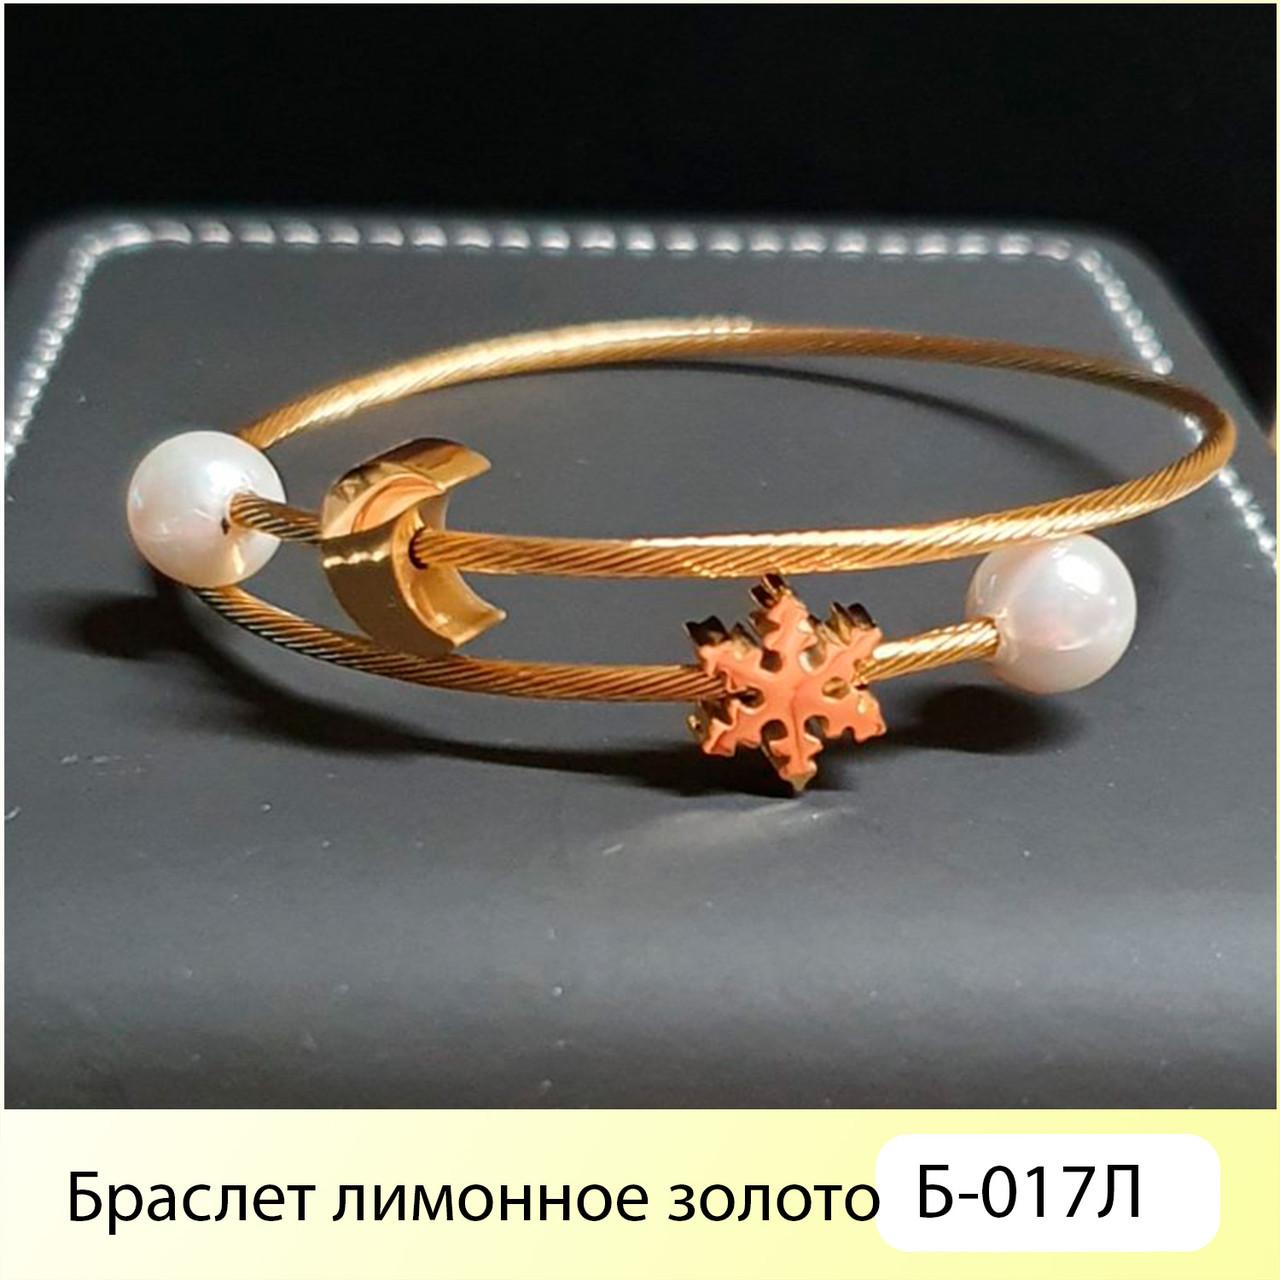 Браслет лимонное золото Б-017Л